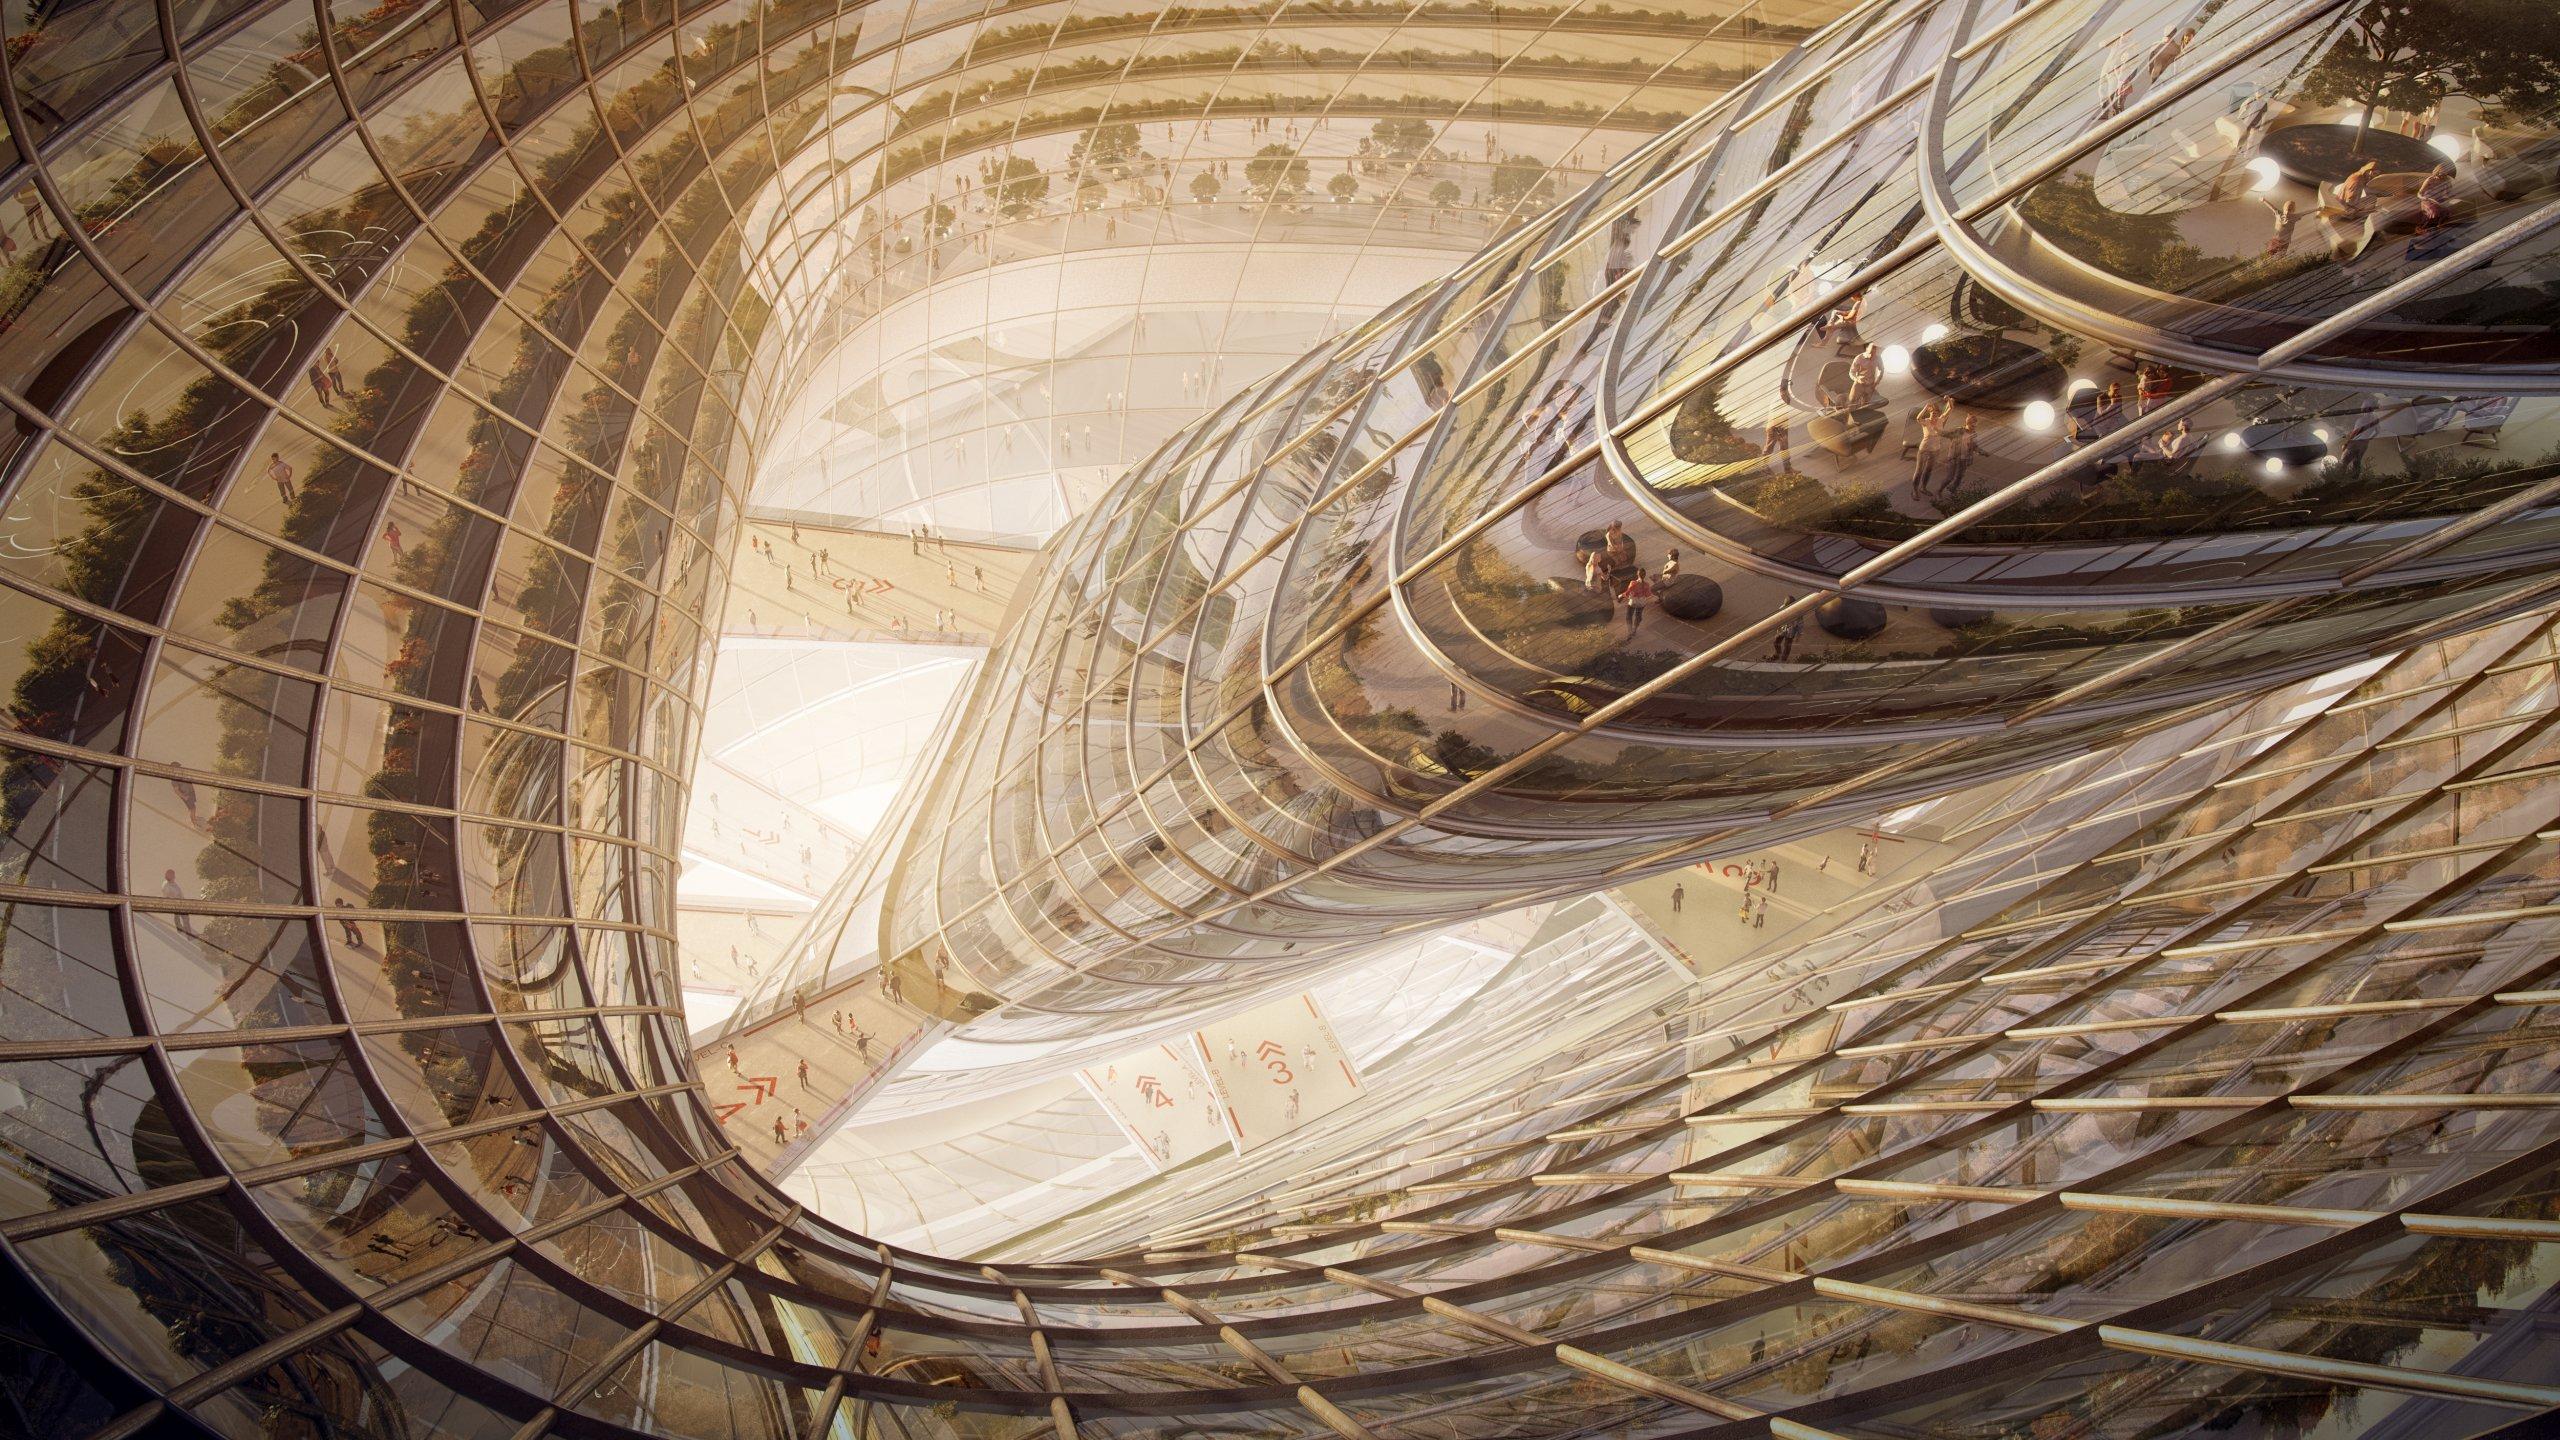 Ephemere highrise flyingarchitecture for Architecture ephemere definition